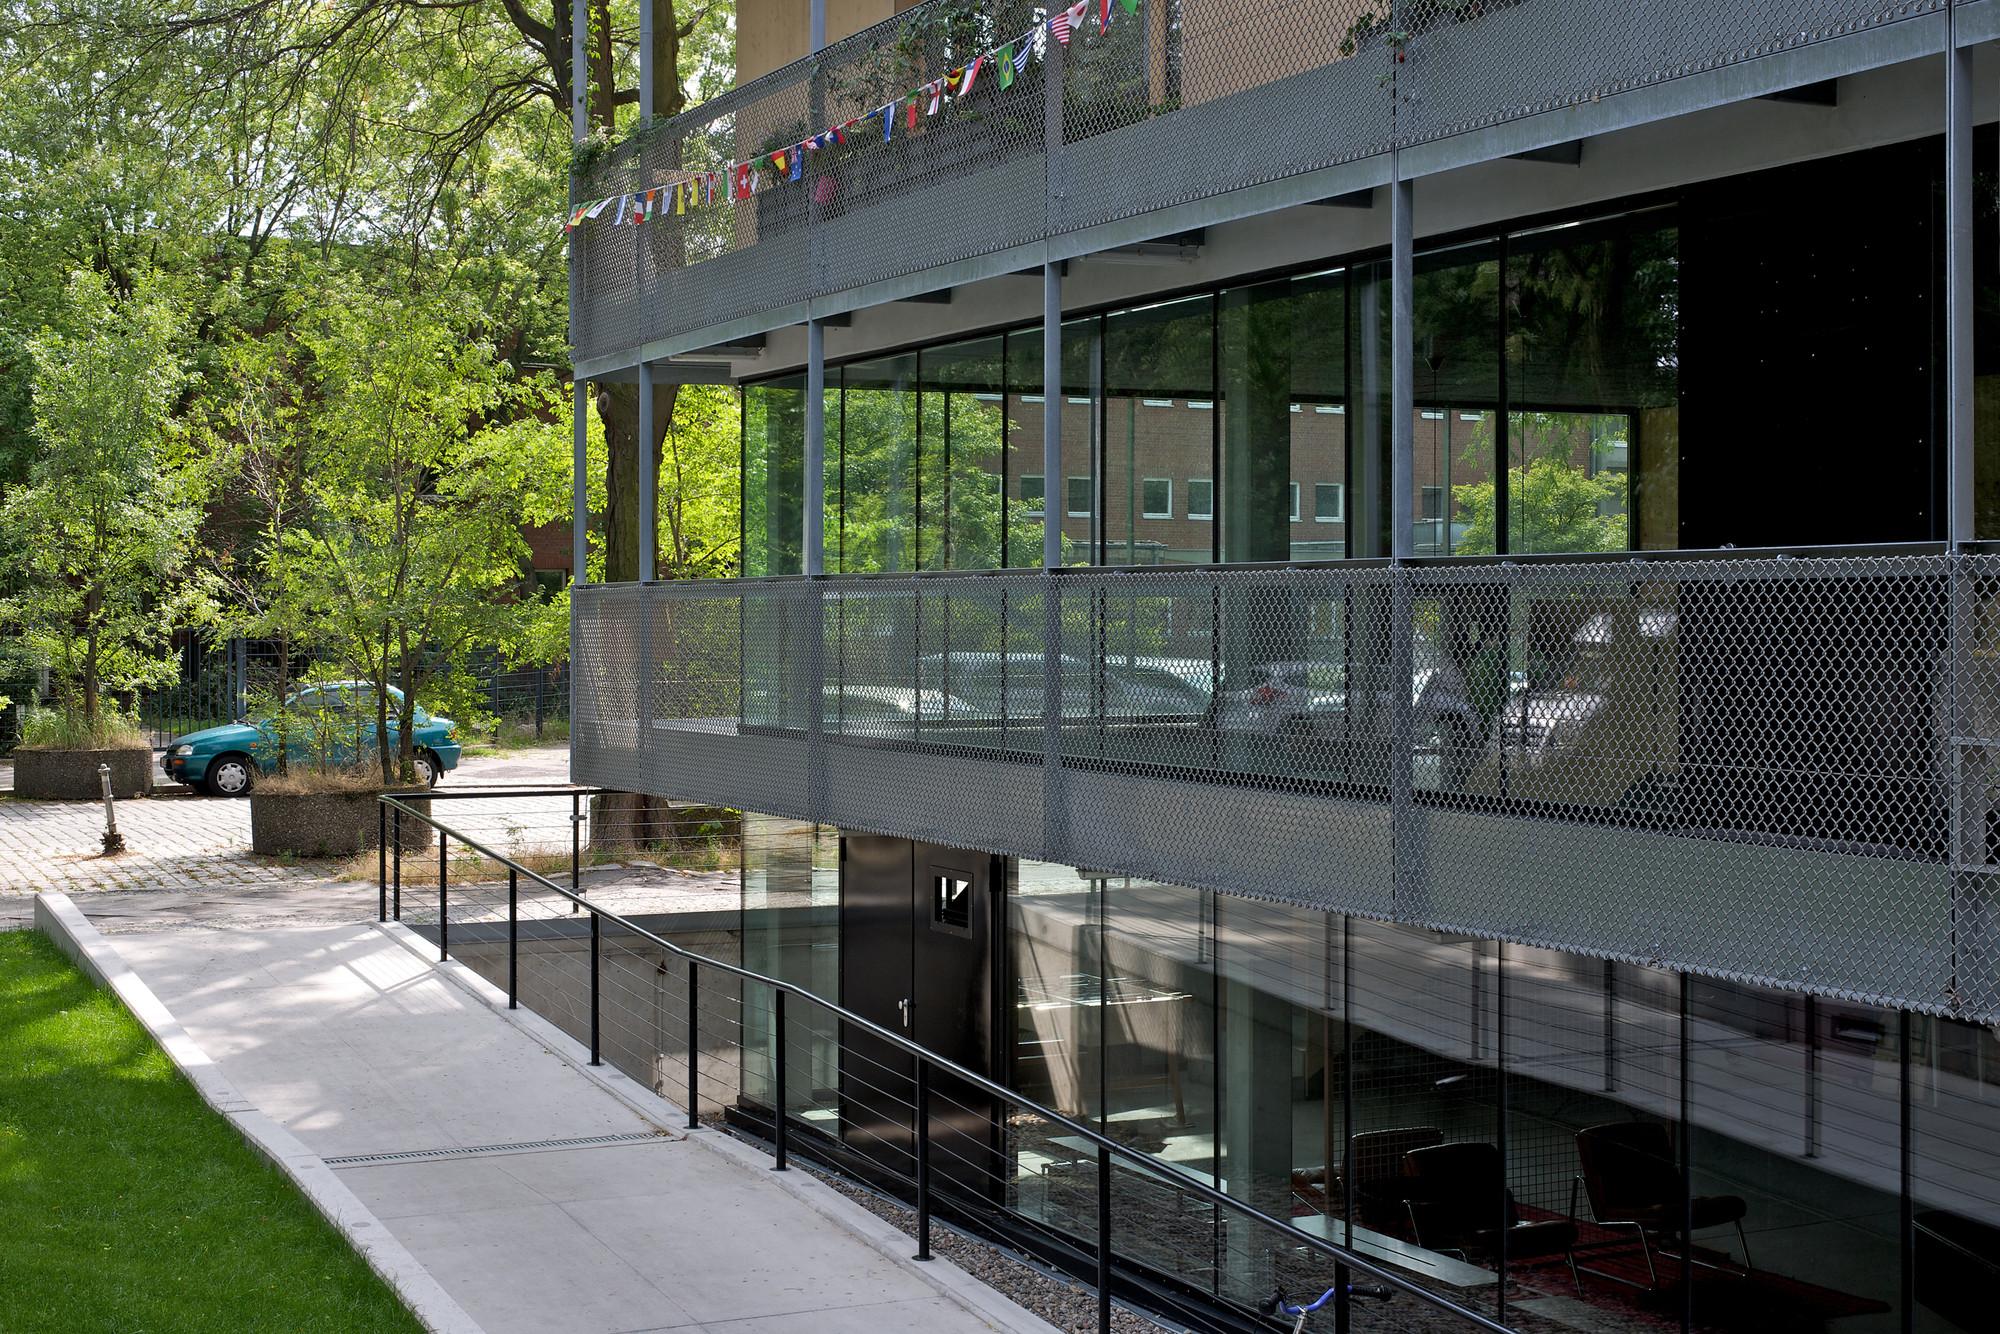 gallery of r50 cohousing ifau und jesko fezer heide von beckerath 19. Black Bedroom Furniture Sets. Home Design Ideas